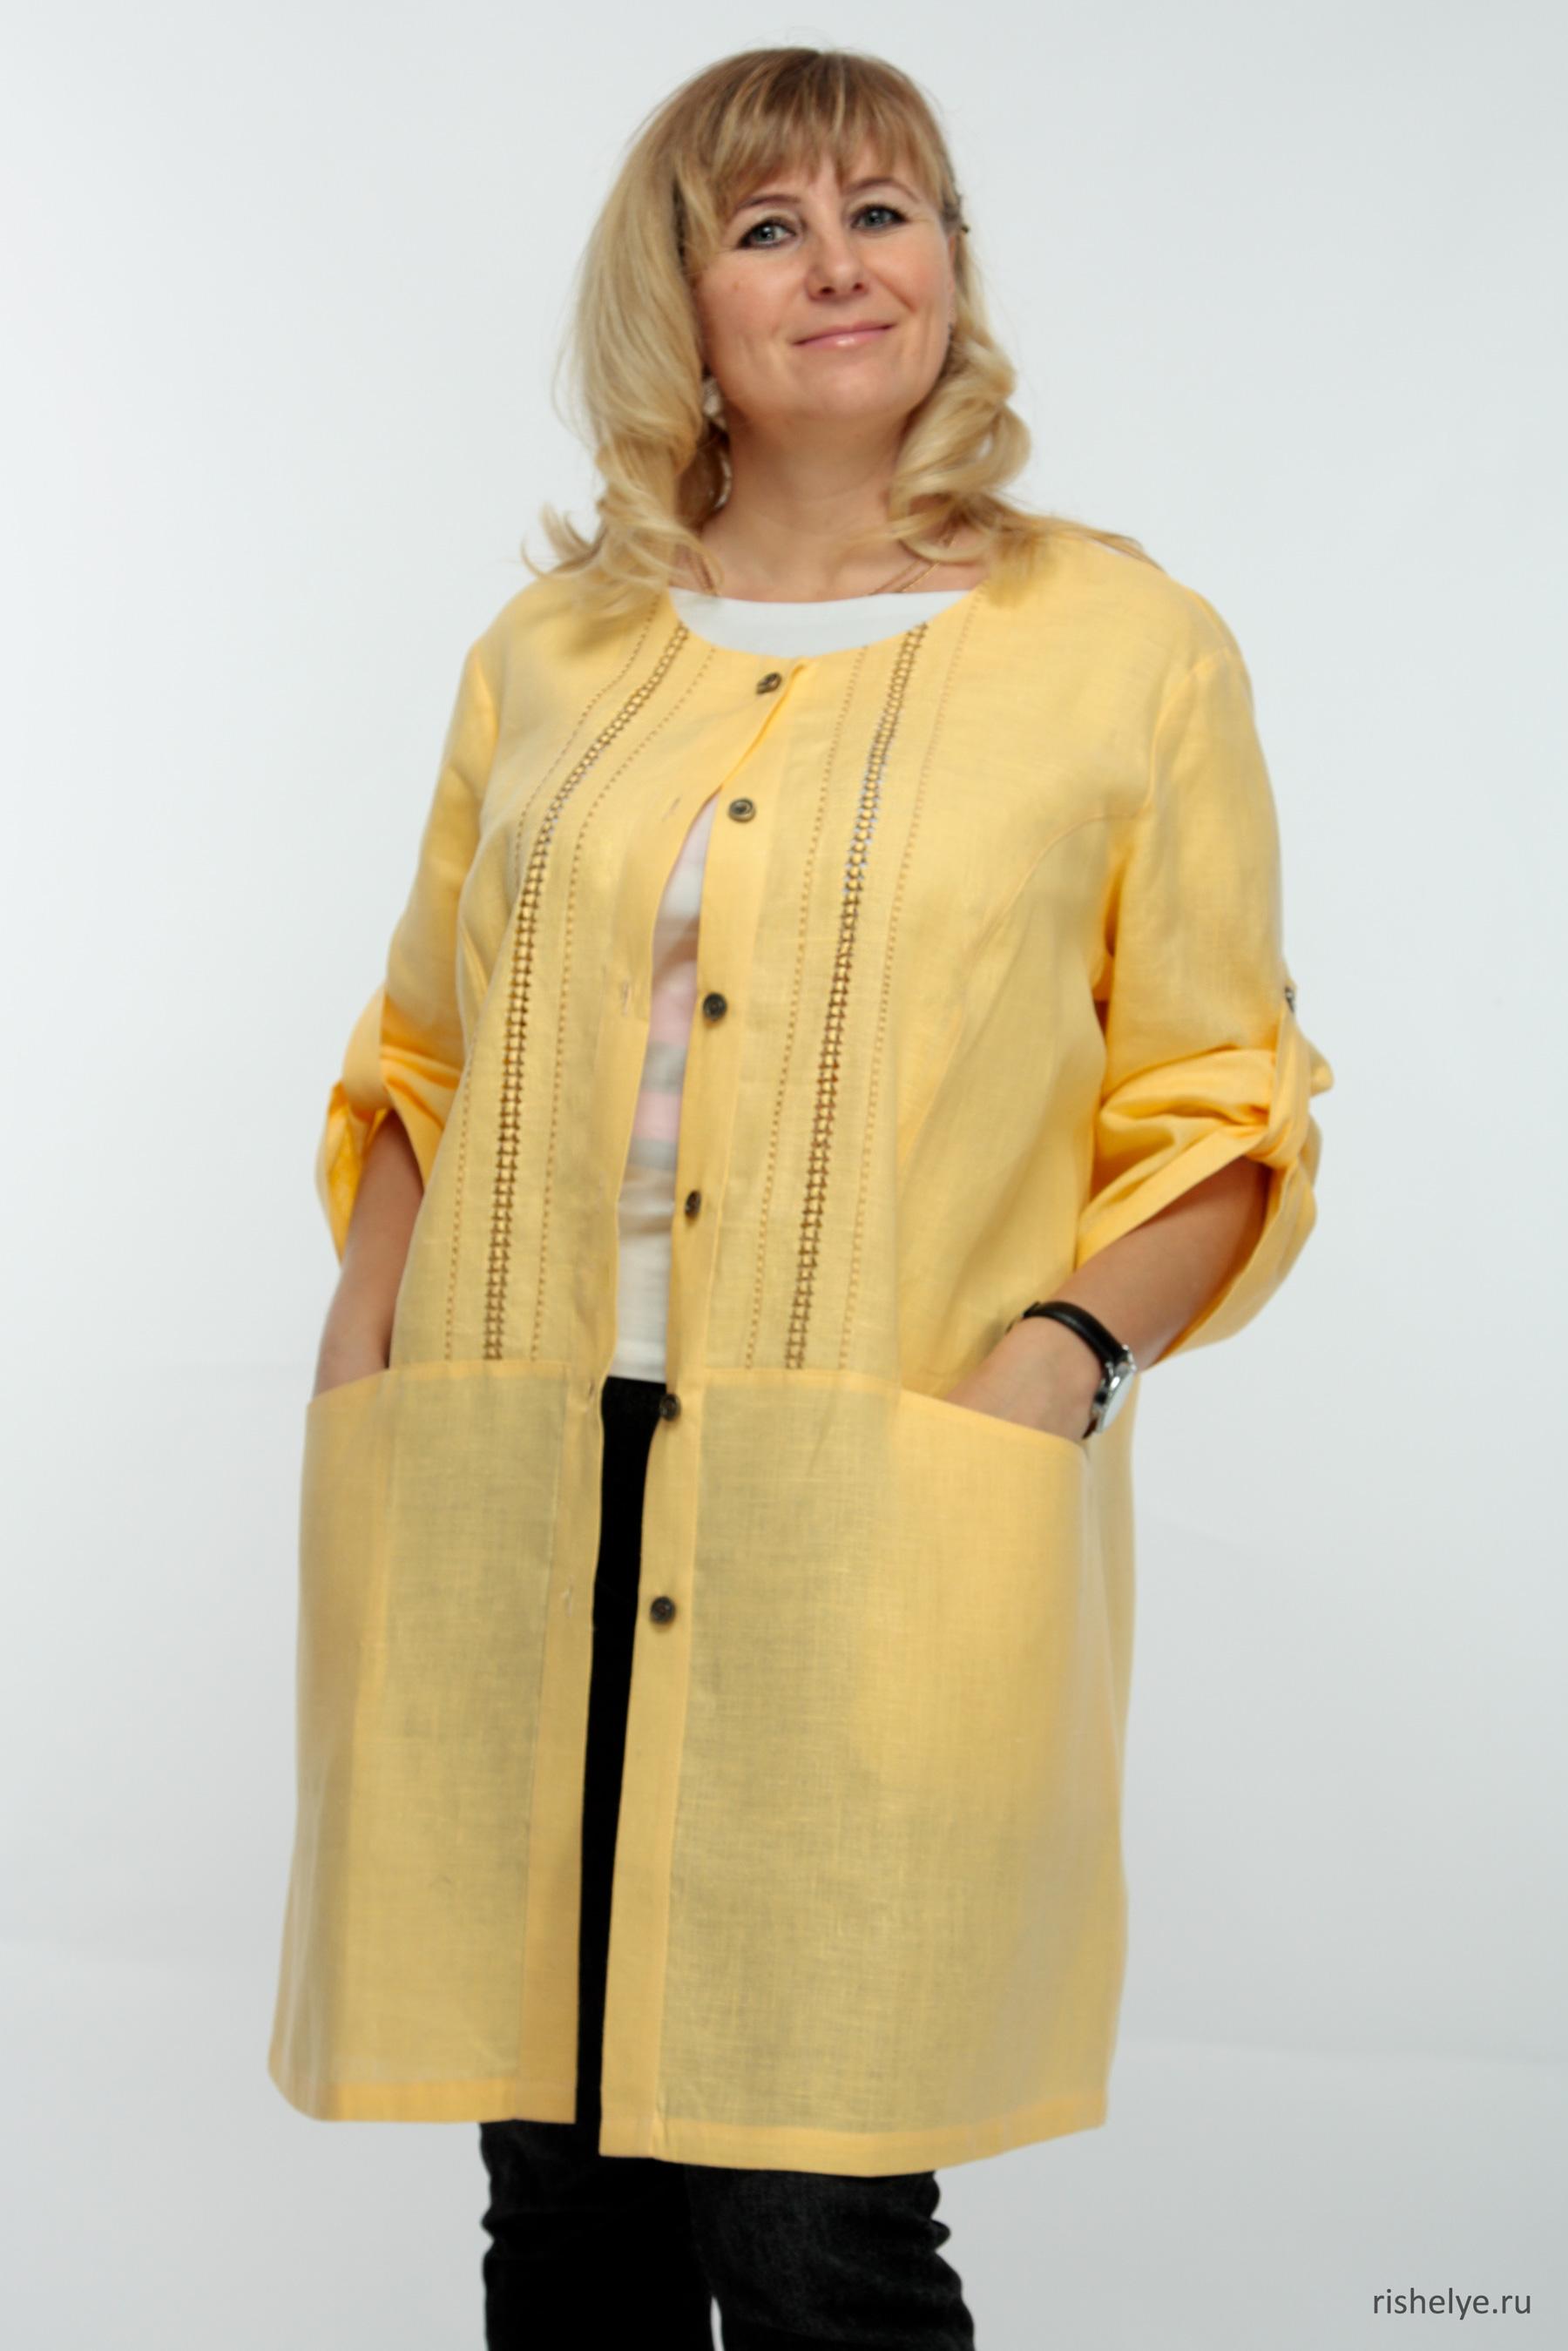 желтый жакет удлиненной формы